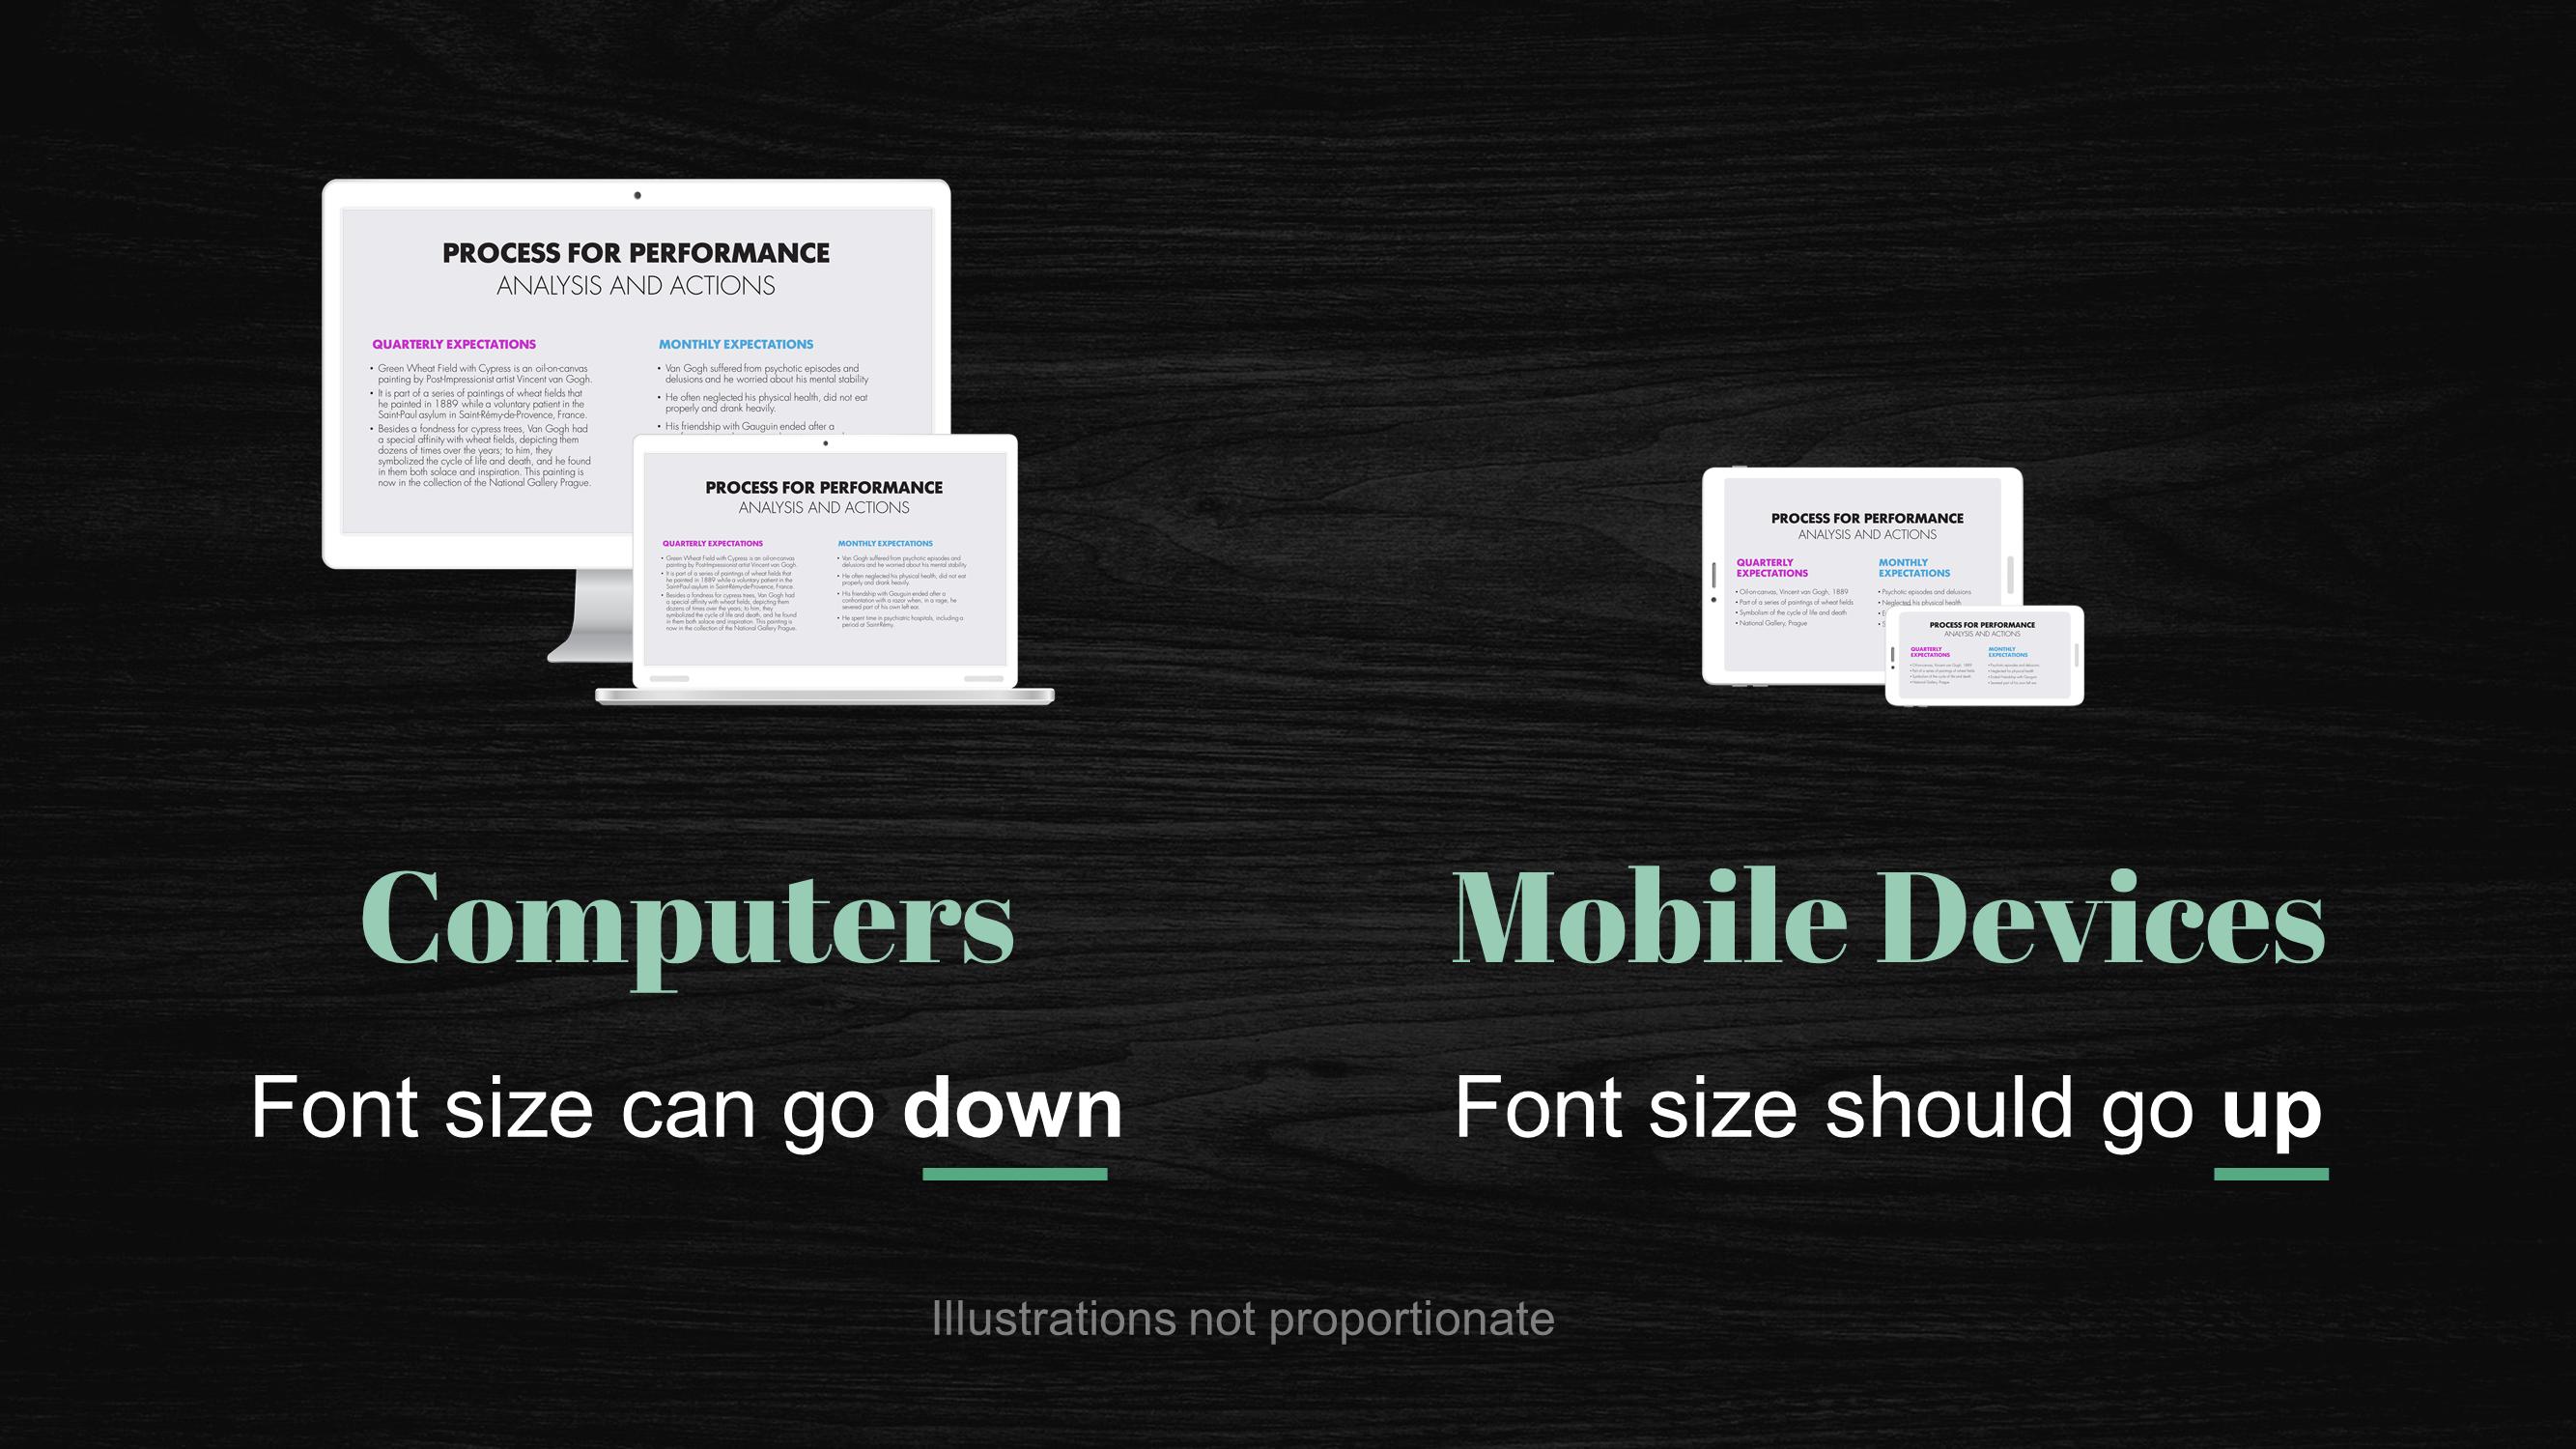 How to Design Slides for Online Presentations_2